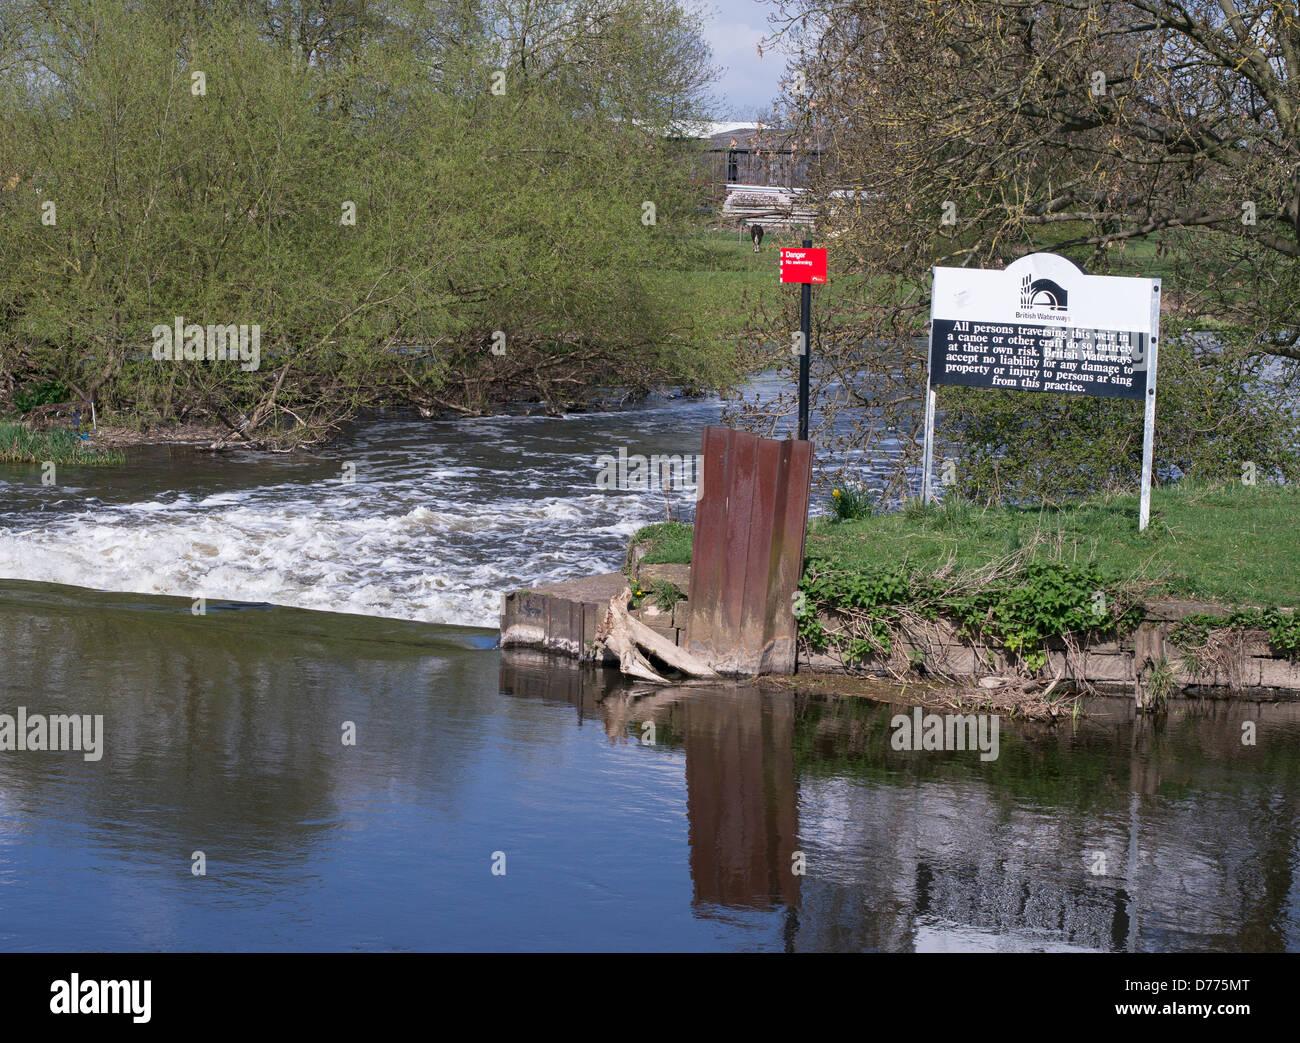 British Waterways warning sign at weir Newark England UK - Stock Image